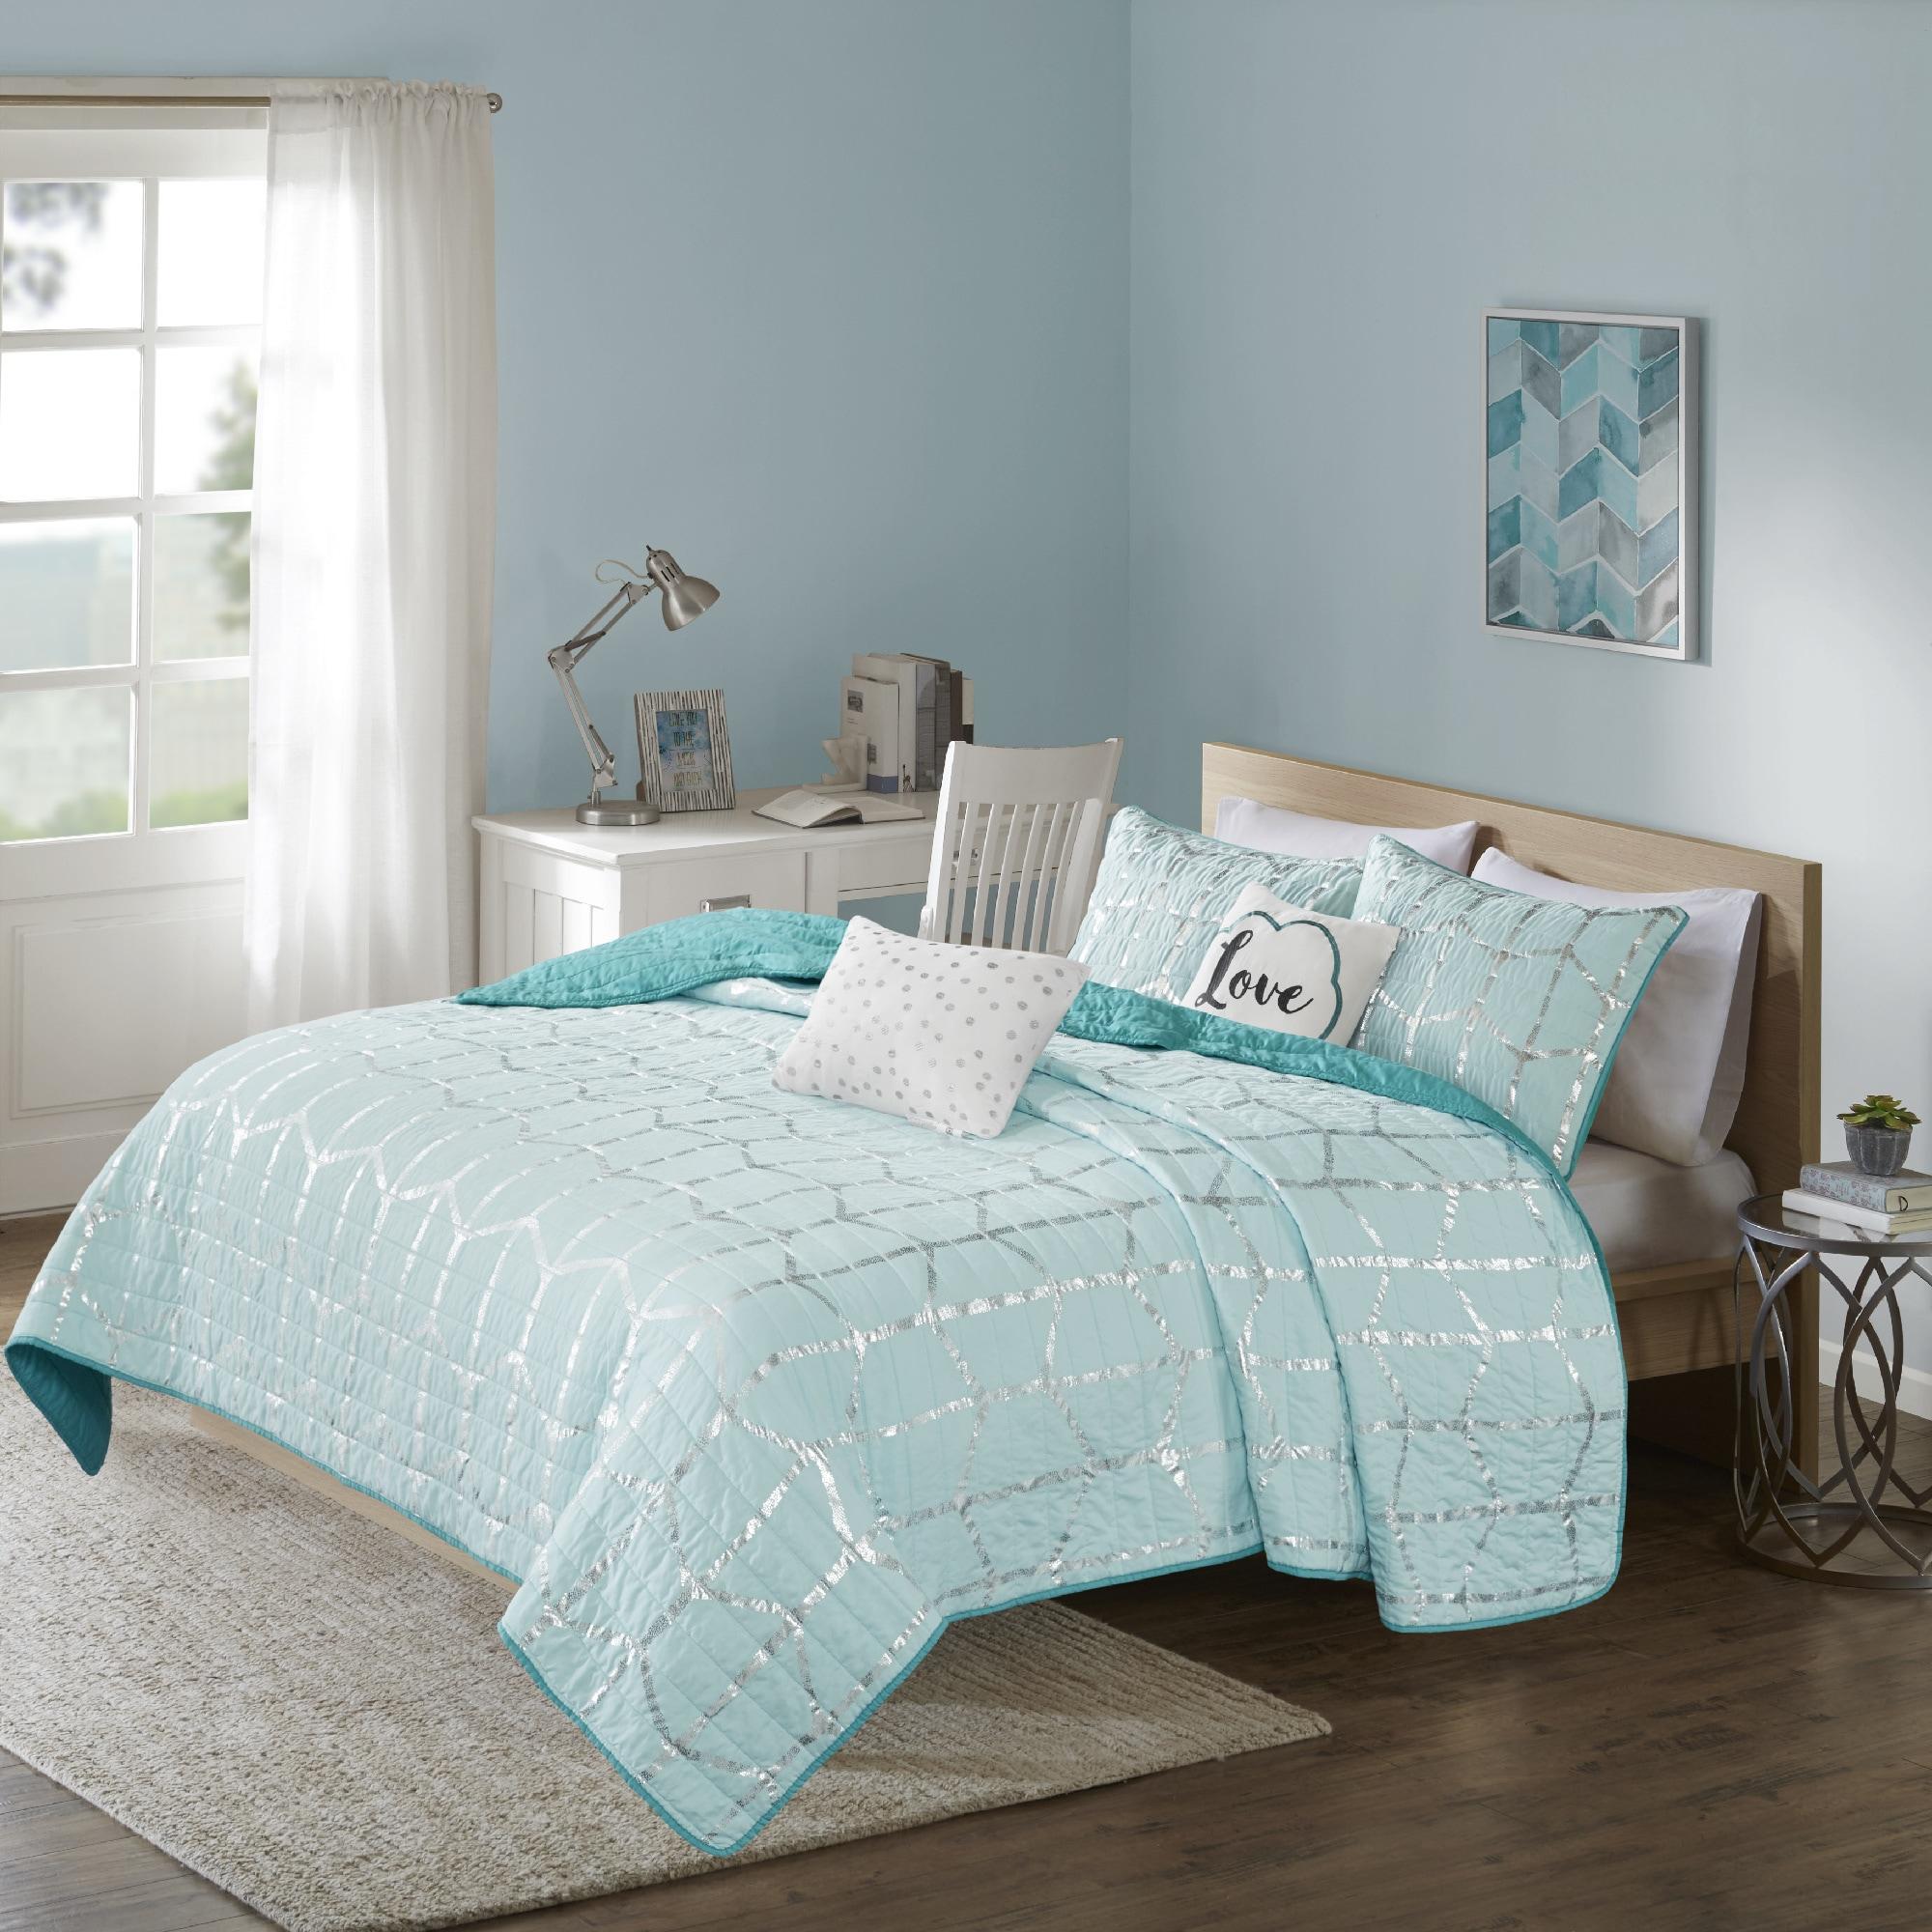 set metallic itm beige reduced l steffan bed quilt duvet black biscuit bedding cover effect